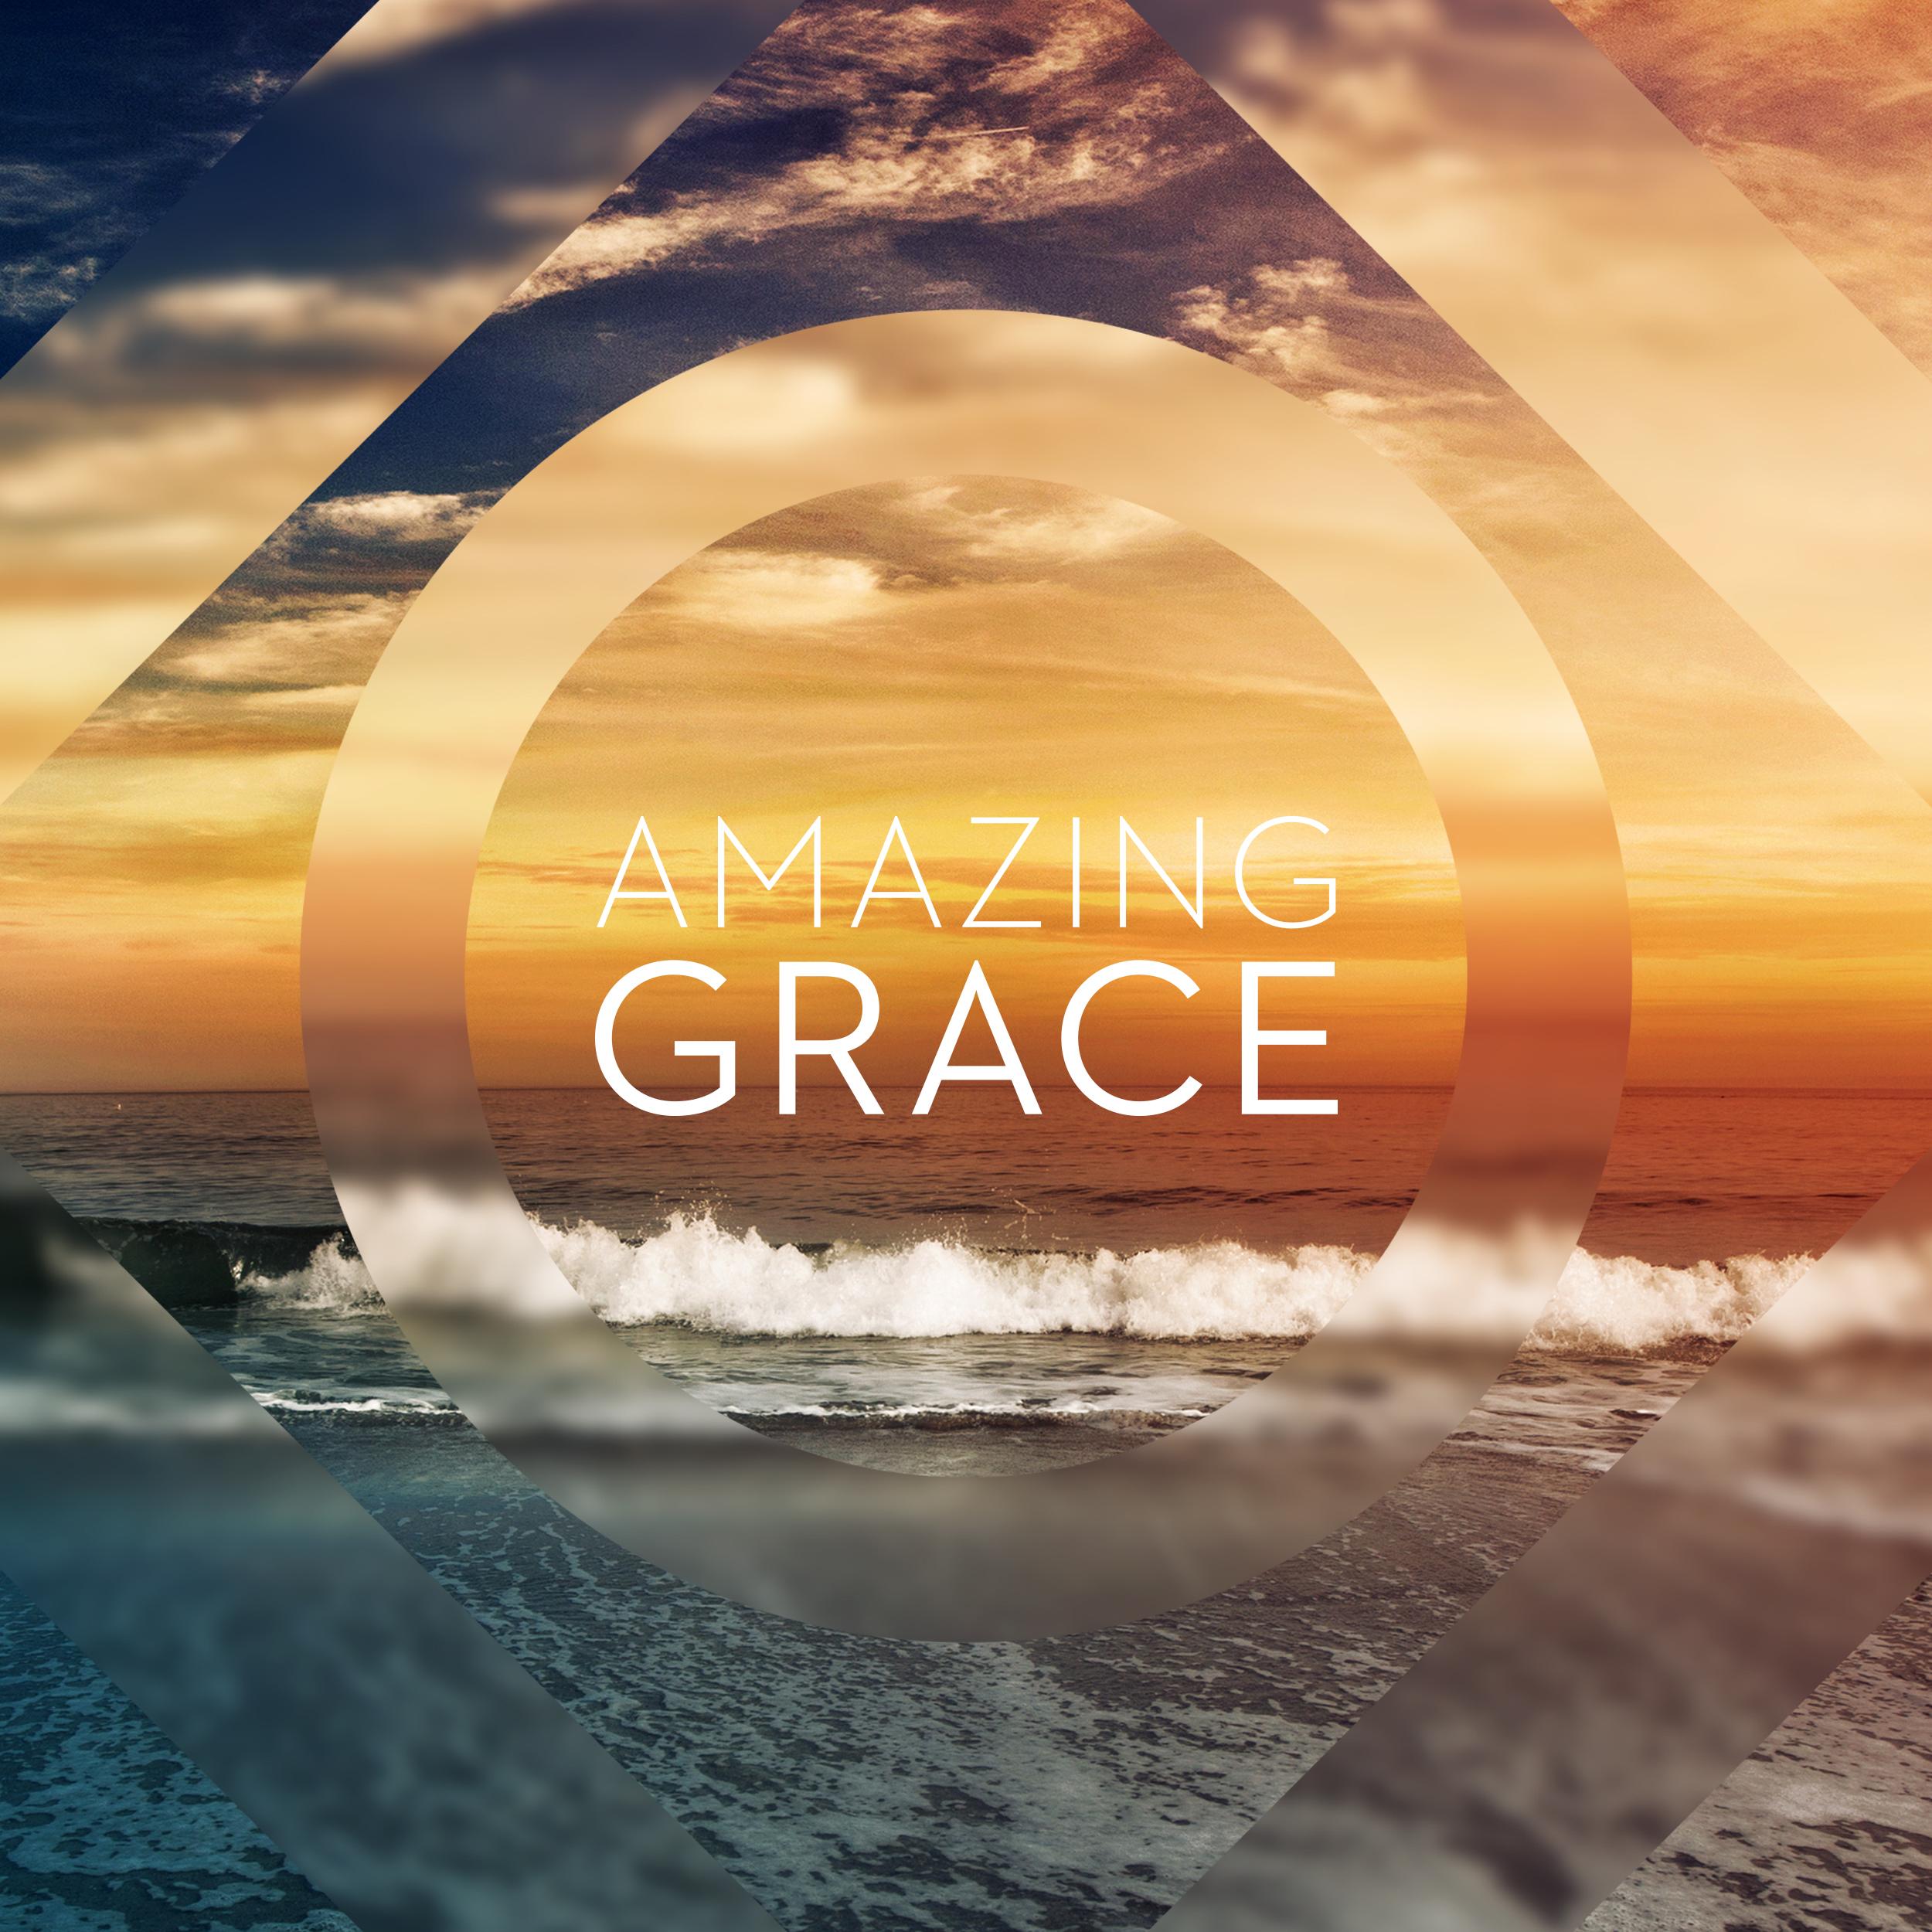 amazing grace week 4 Amazing grace (dvd) neuf à partir de 410 € voir toutes  usa : ce week-end dans les salles notre point hebdomadaire sur les sorties américaines.